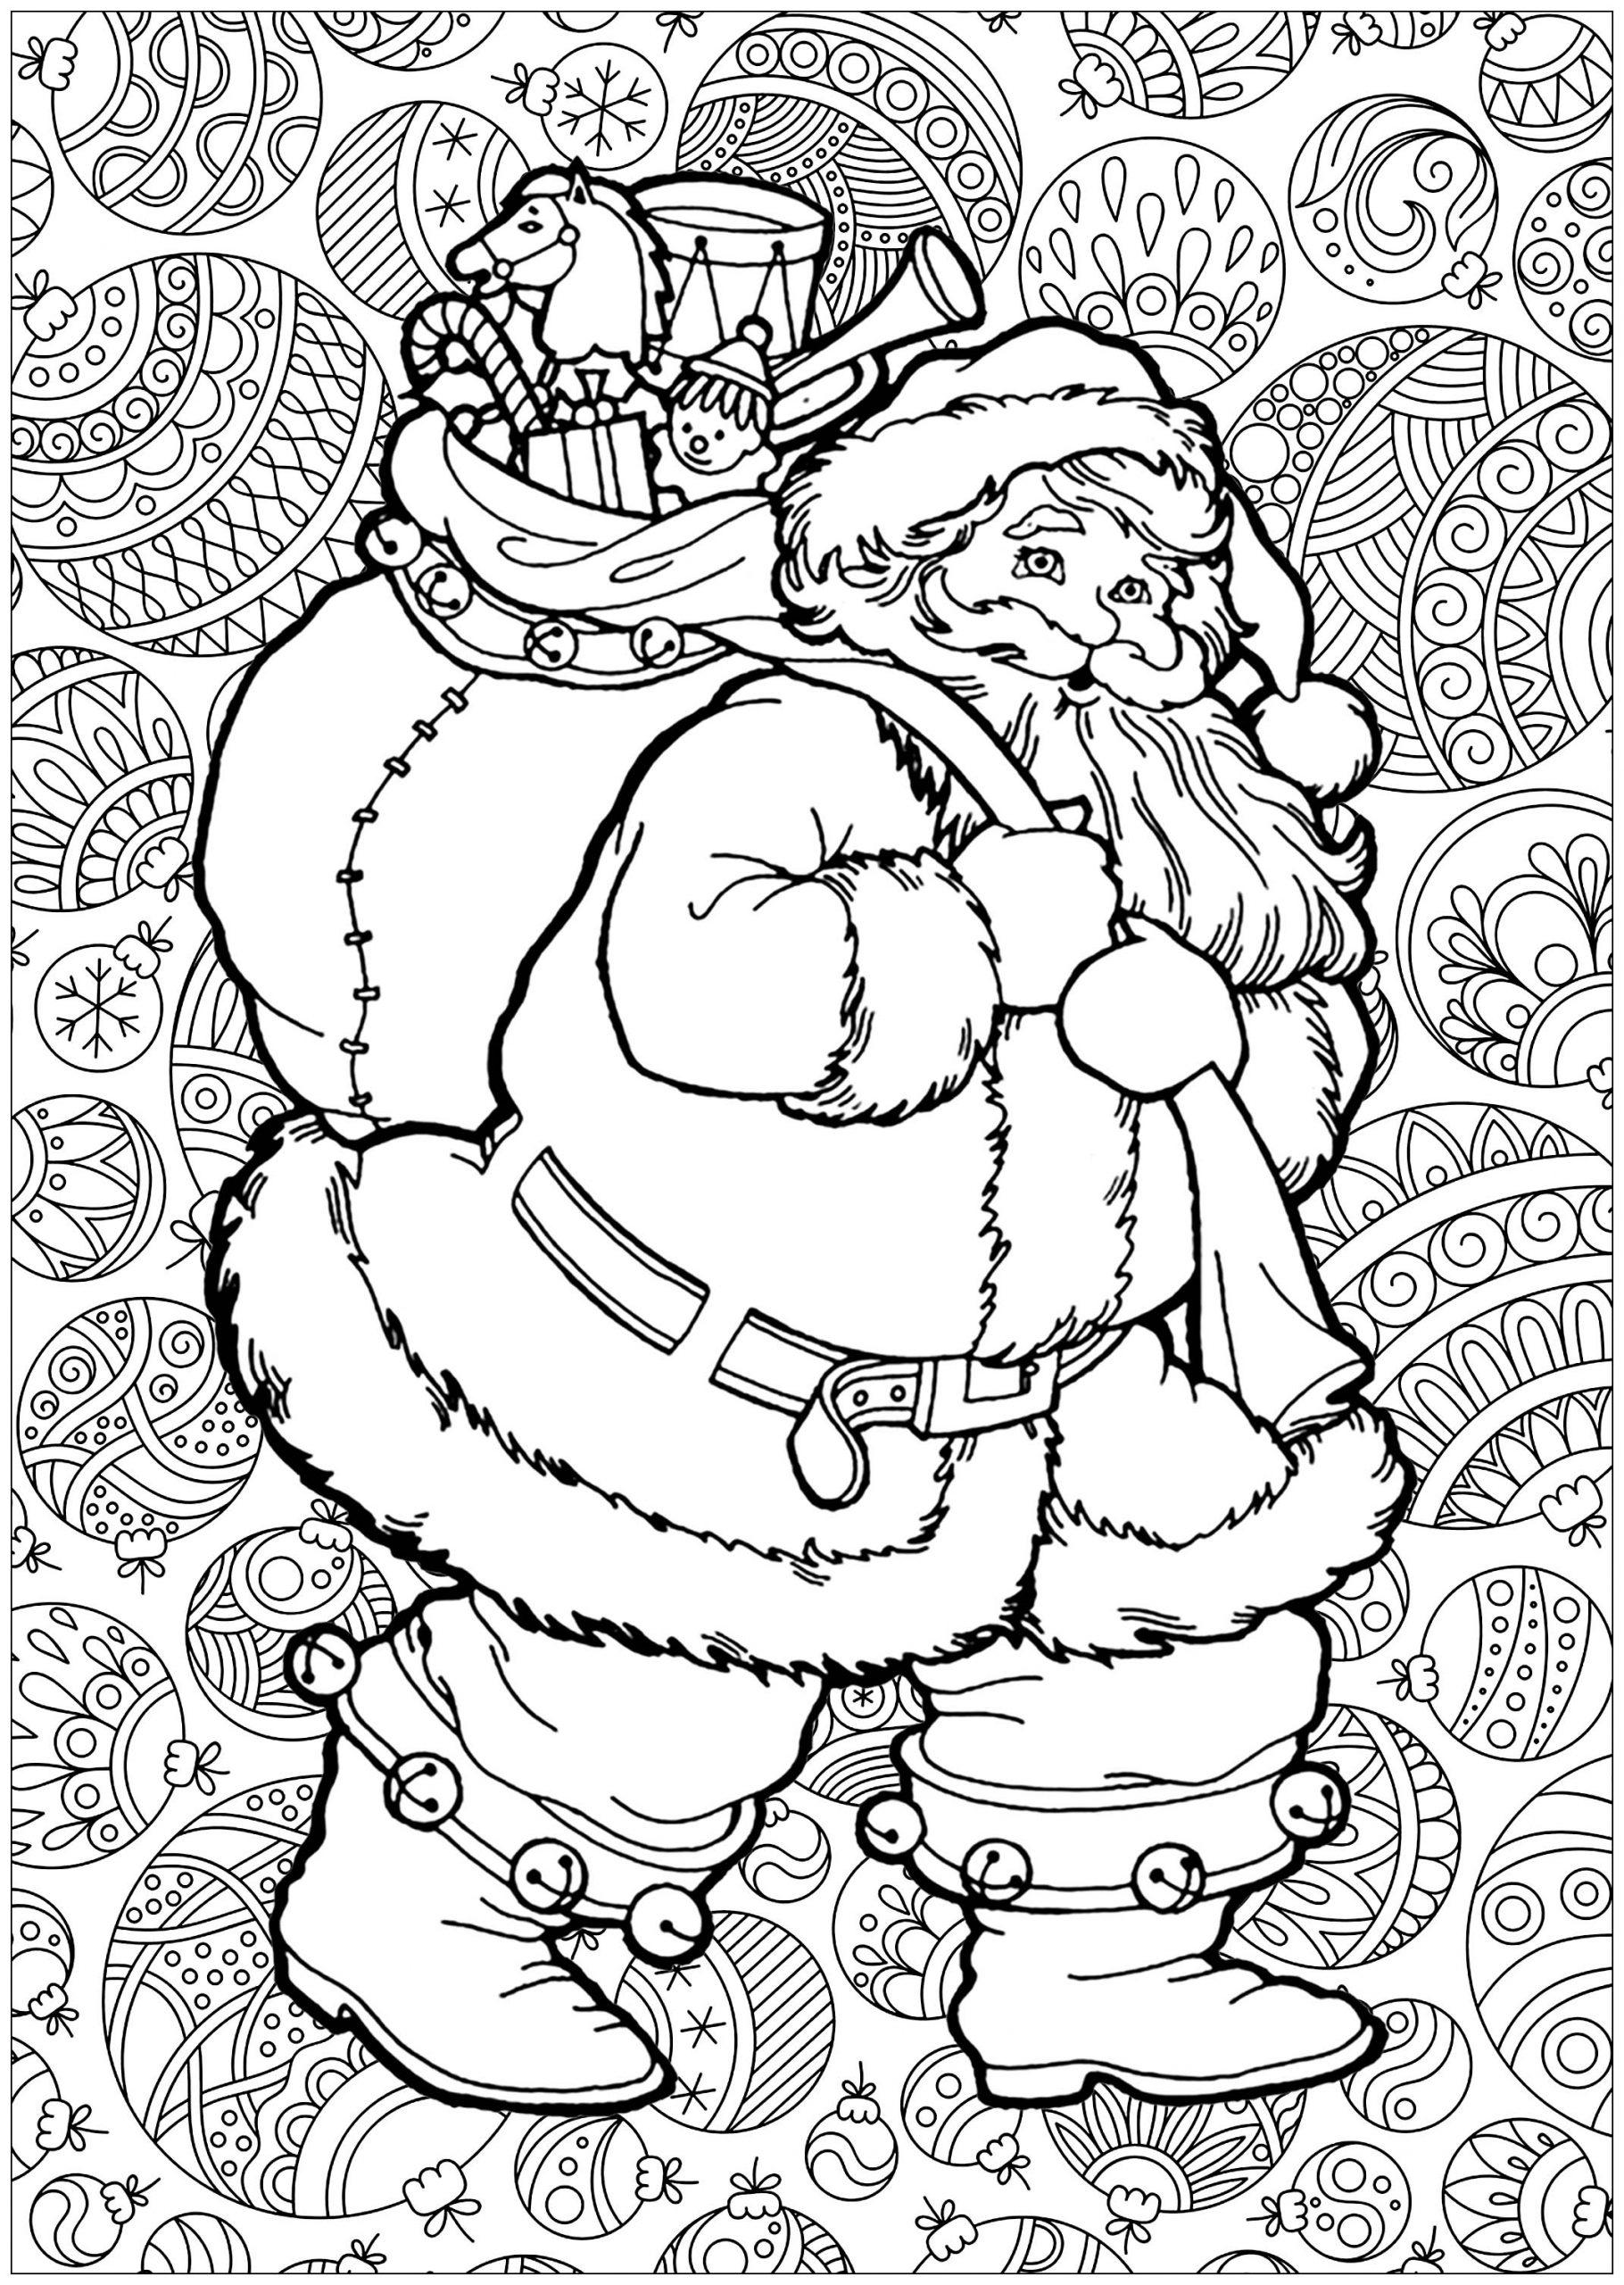 Pere Noel Avec Fond - Noël - Coloriages Difficiles Pour Adultes intérieur Coloriage De Pere Noel A Imprimer Gratuitement